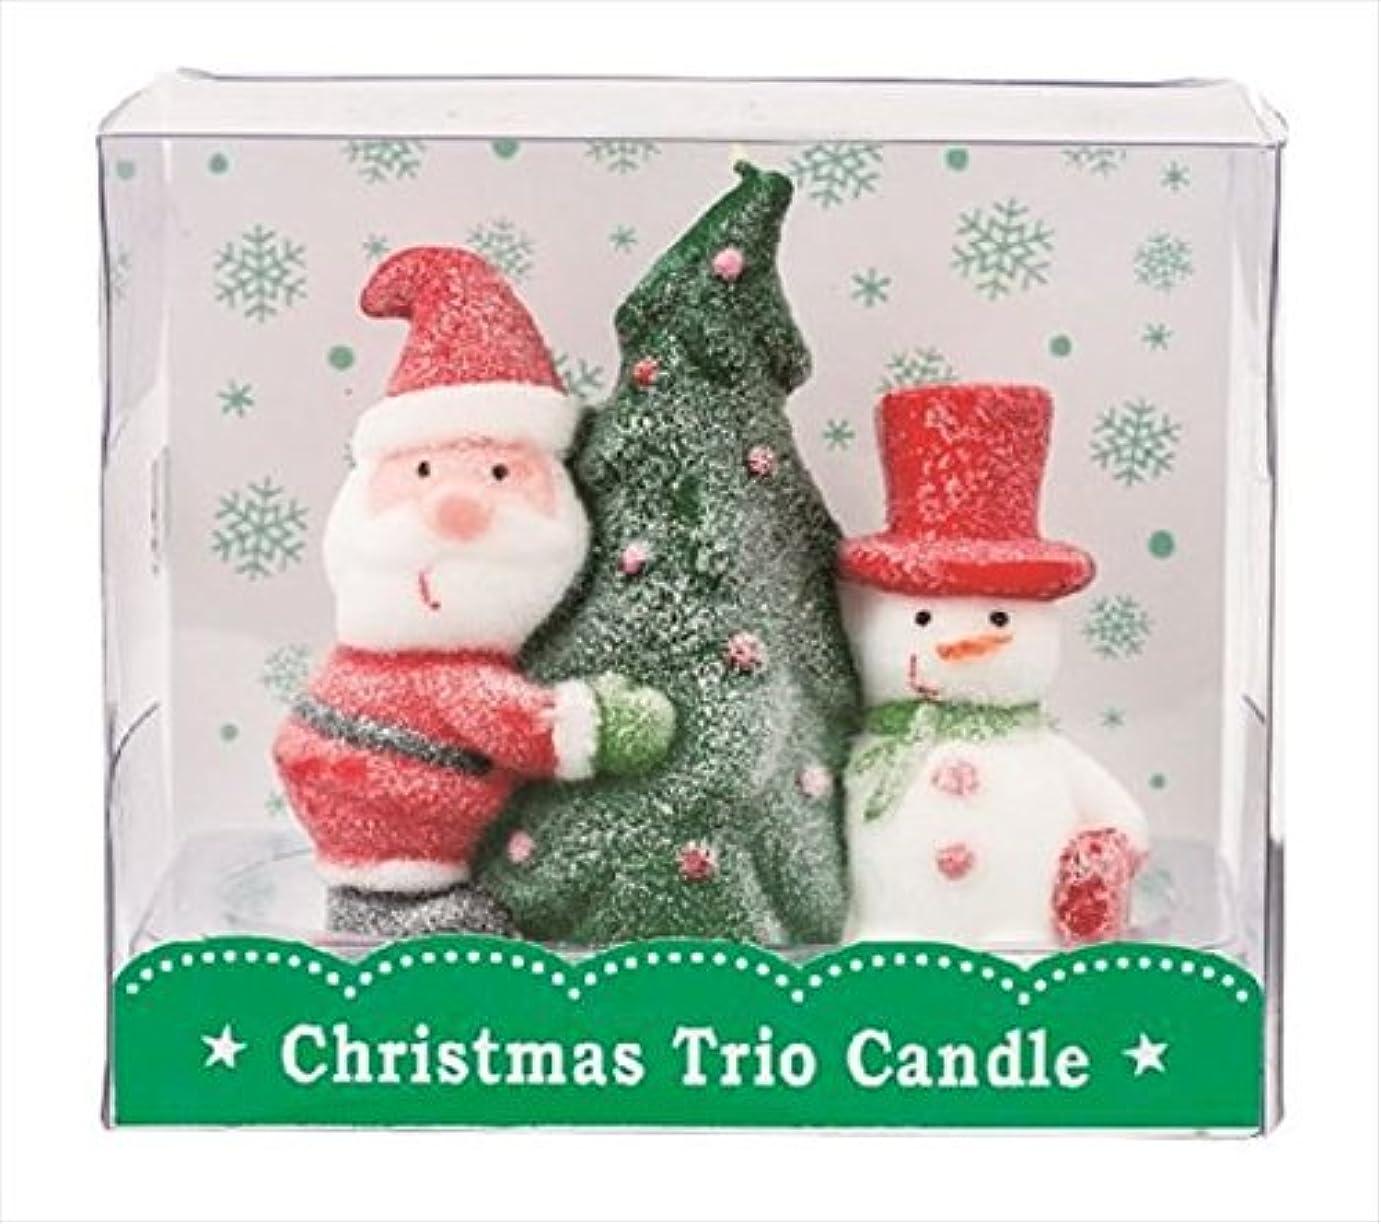 薬剤師ディレイどこにでもkameyama candle(カメヤマキャンドル) クリスマストリオキャンドル 「 ツリー 」(A3220020)